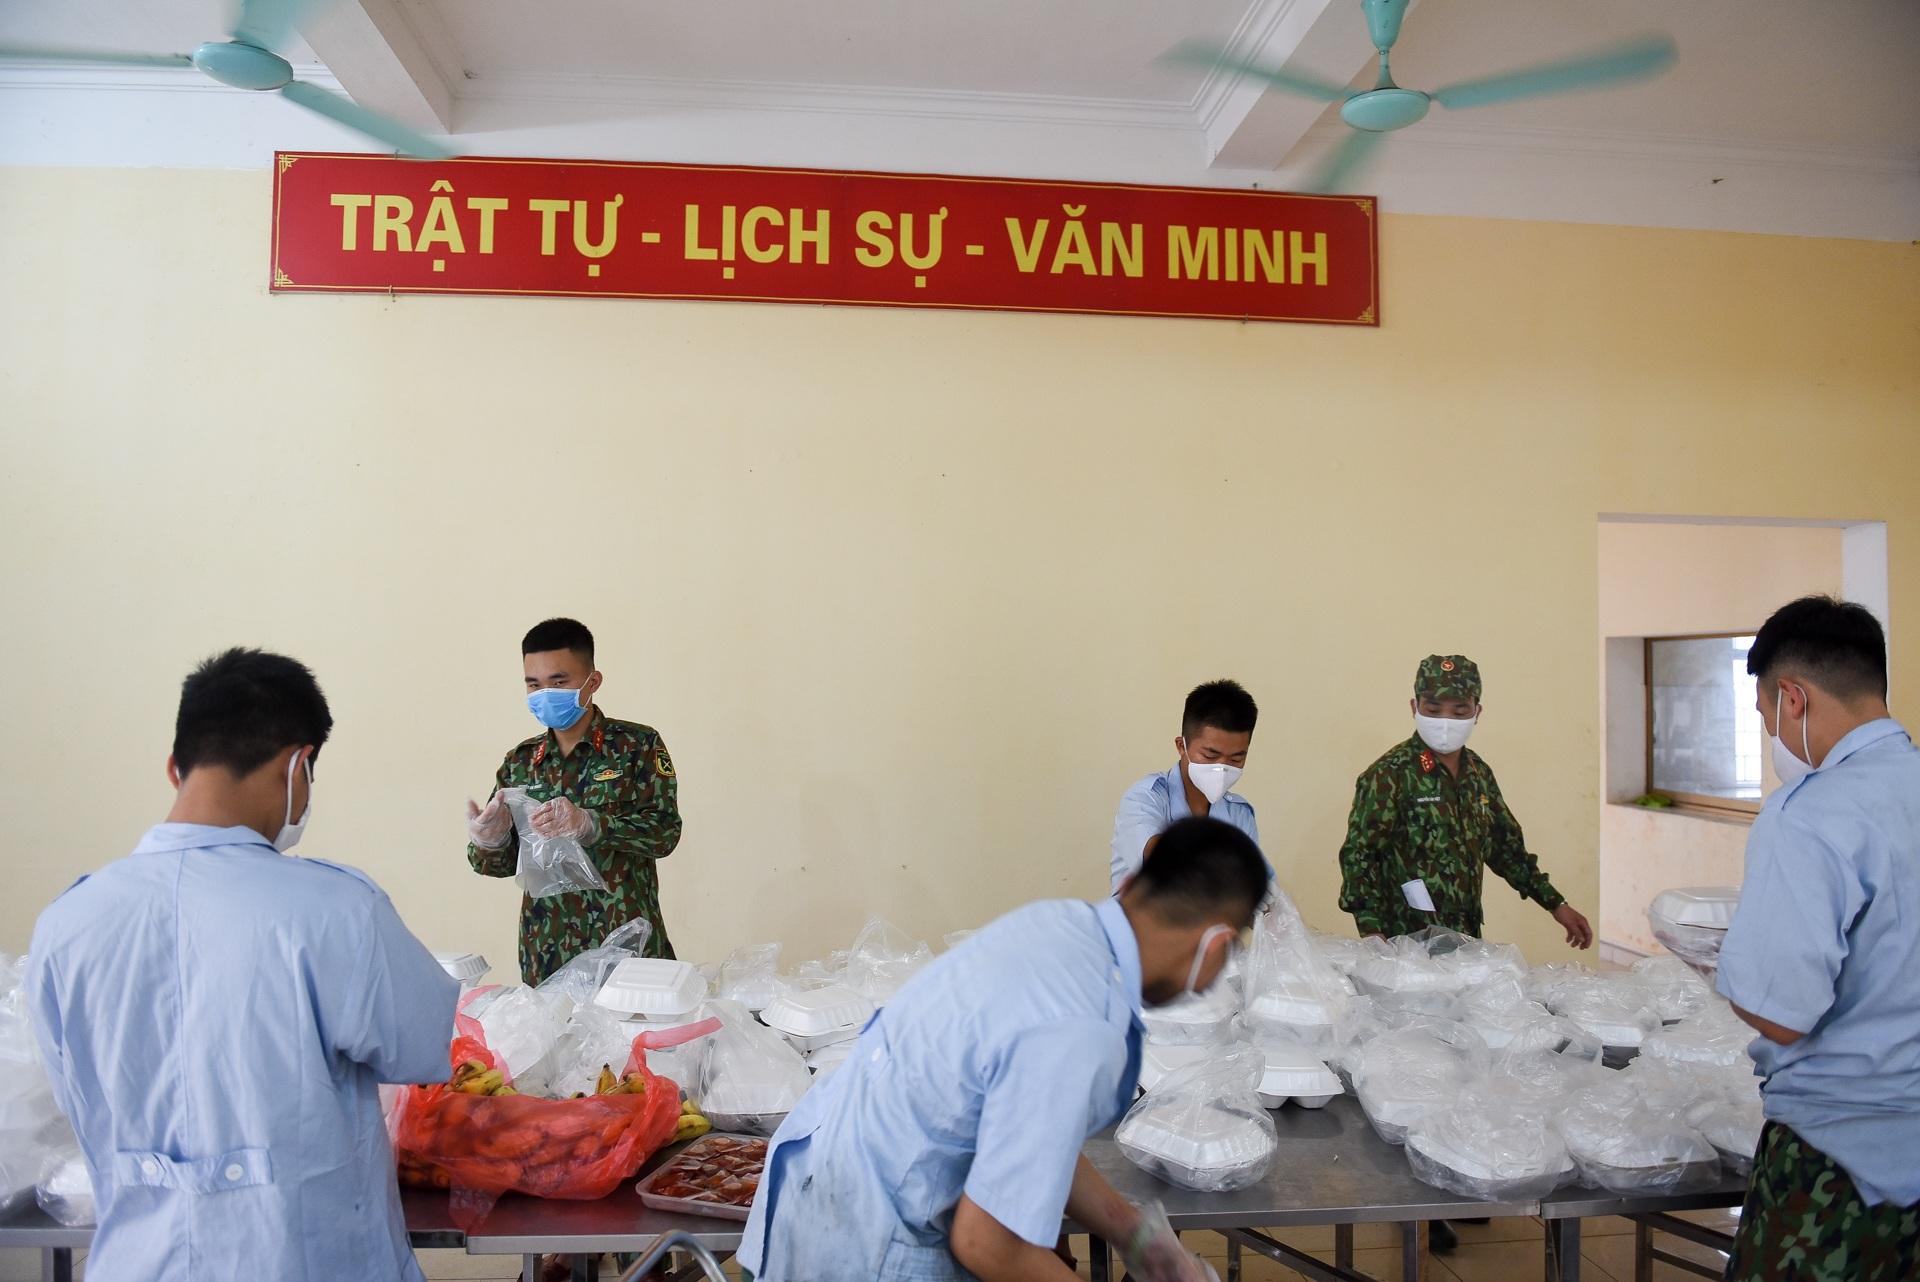 Cơm cách ly của 122 người dân tại doanh trại quân đội - 5